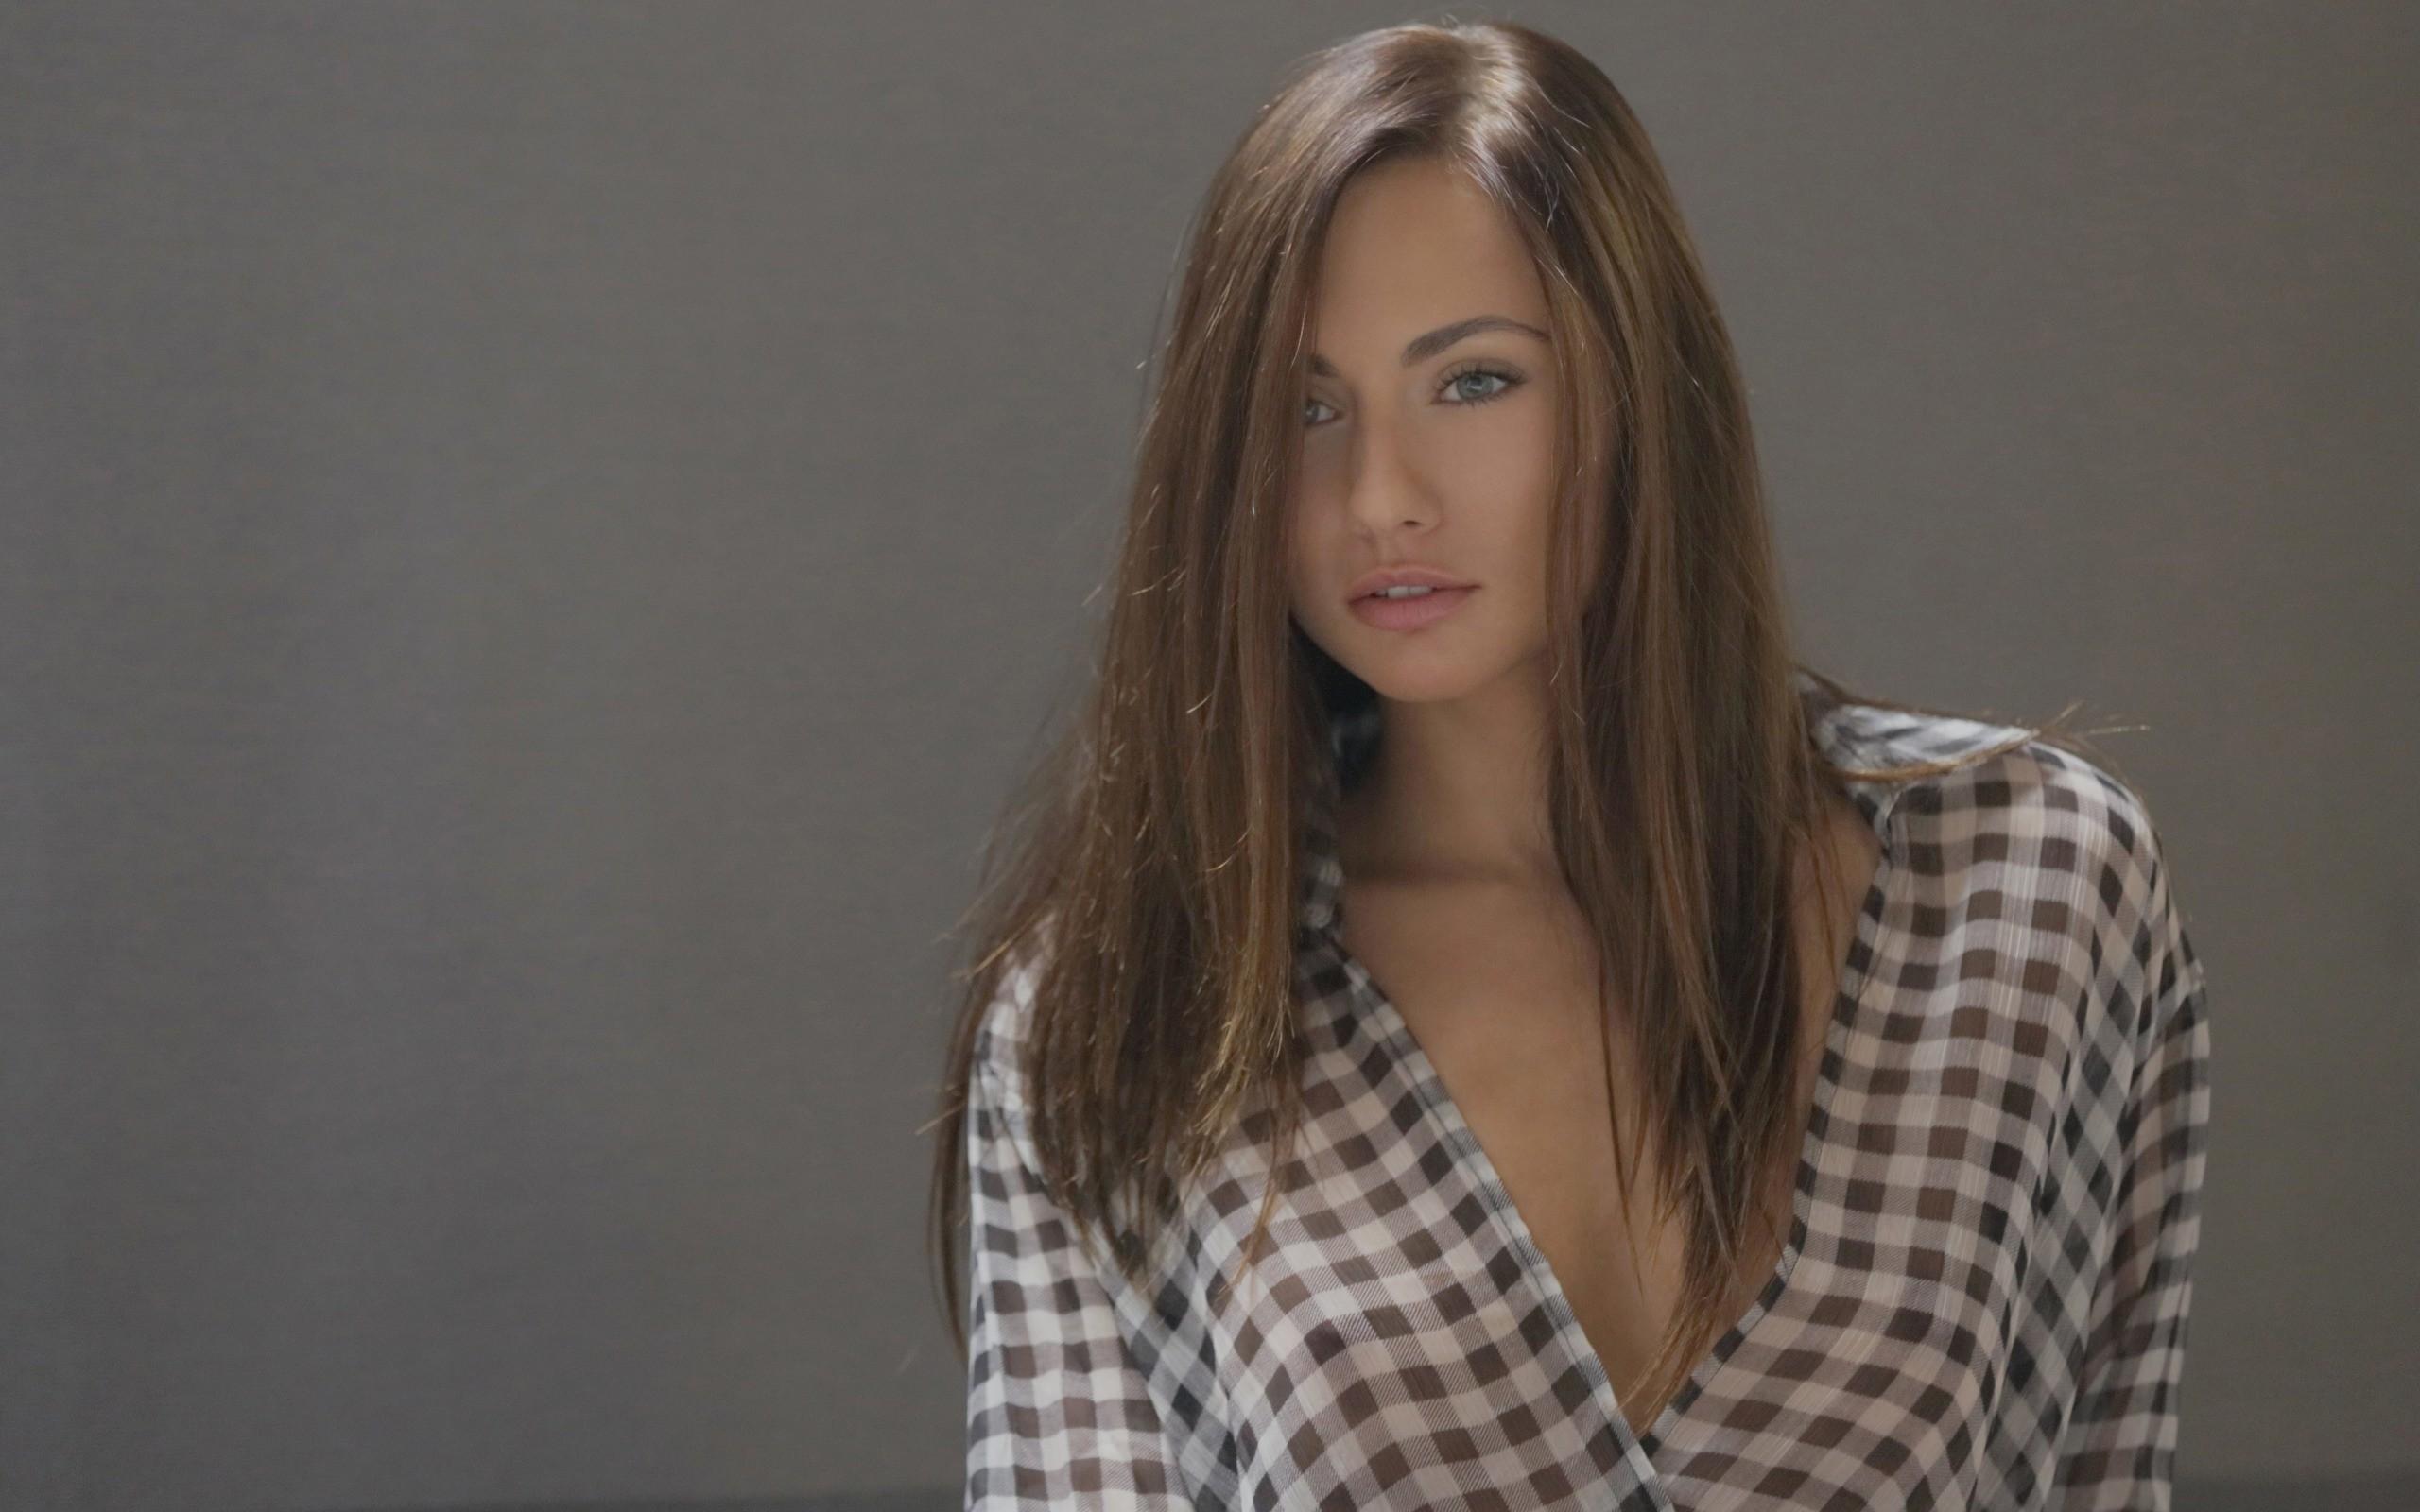 fond d u0026 39  u00e9cran   maquette  cheveux longs  la photographie  chanteur  mode  la personne  supermodel